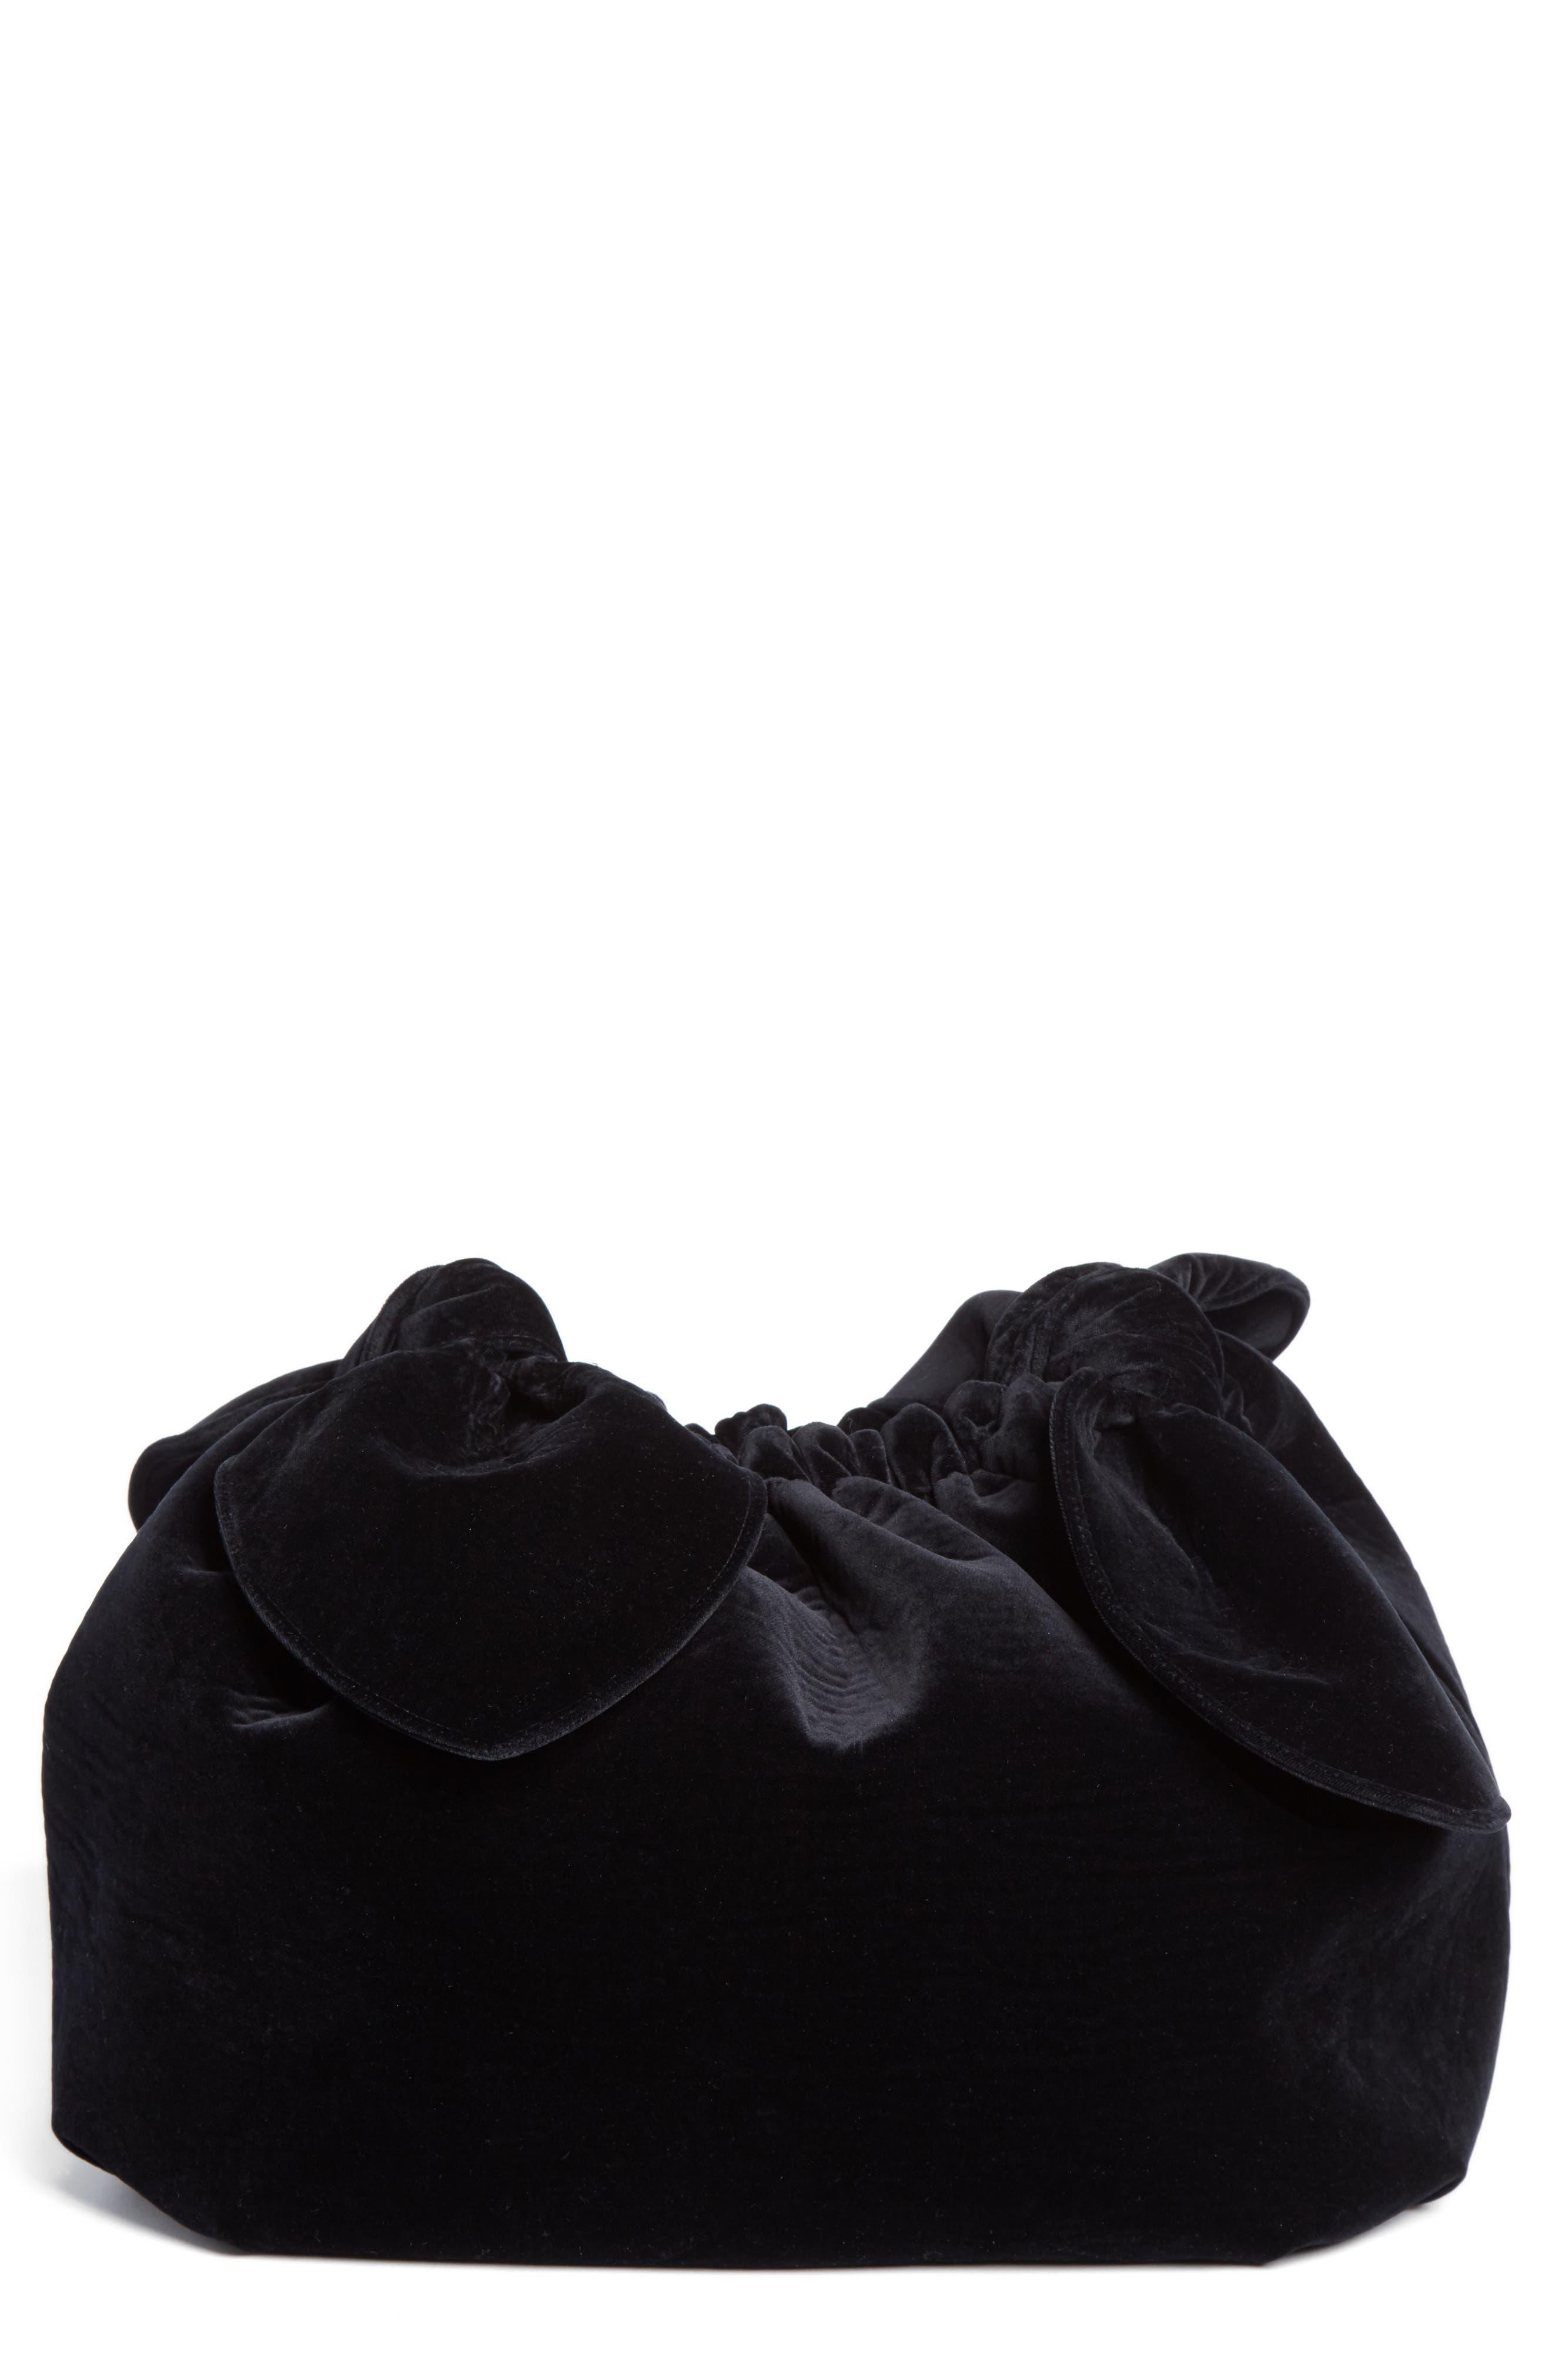 Velvet Double Bow Clutch,                         Main,                         color, Black